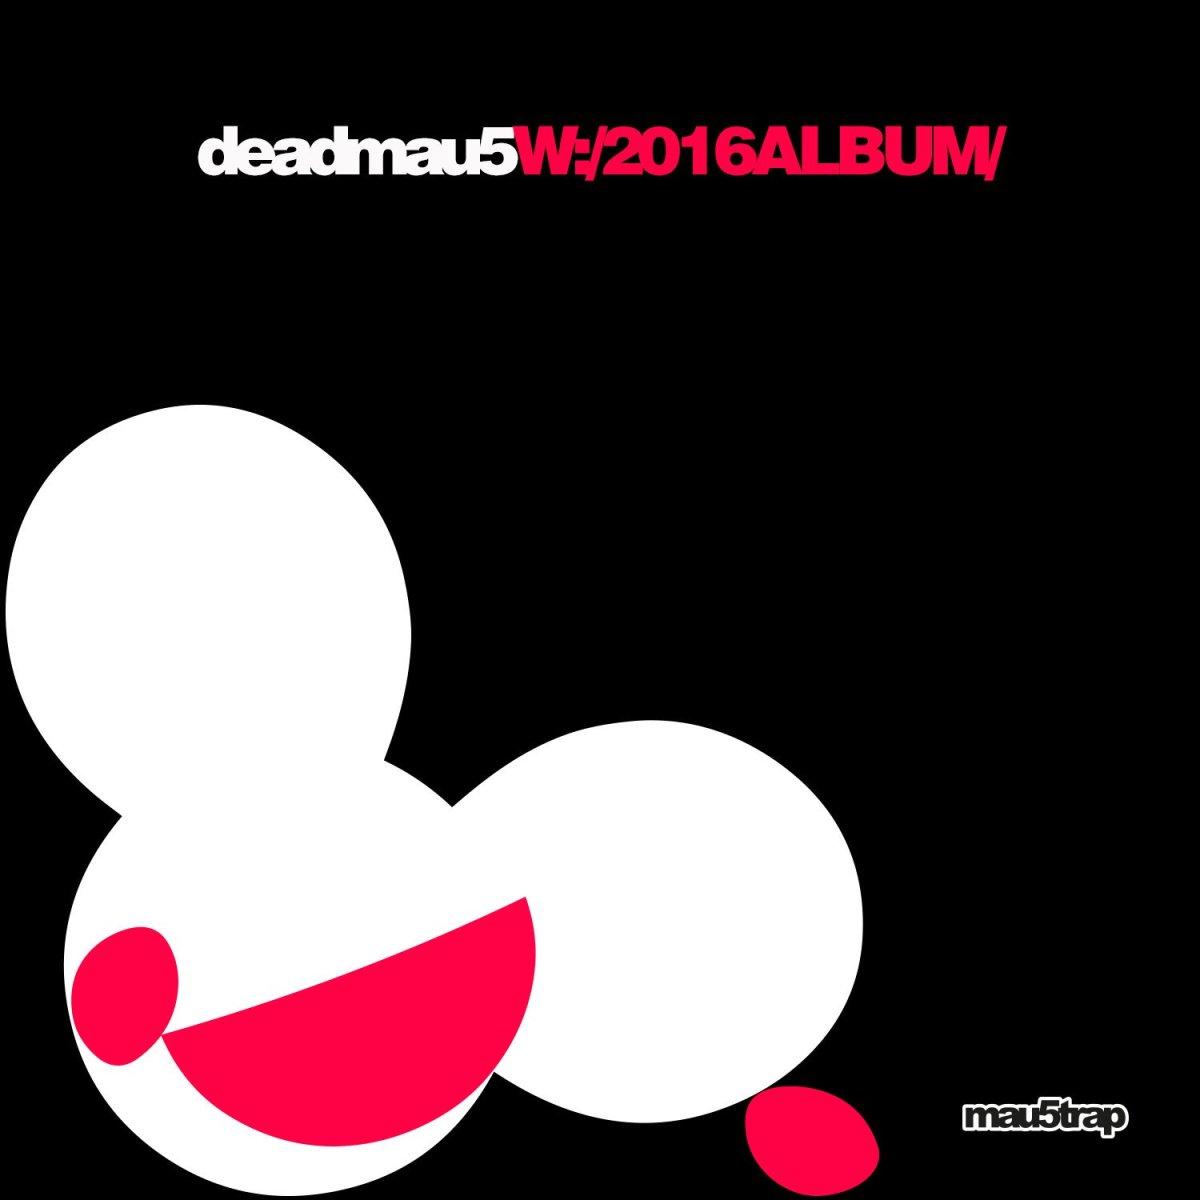 review-deadmau5-w2016album